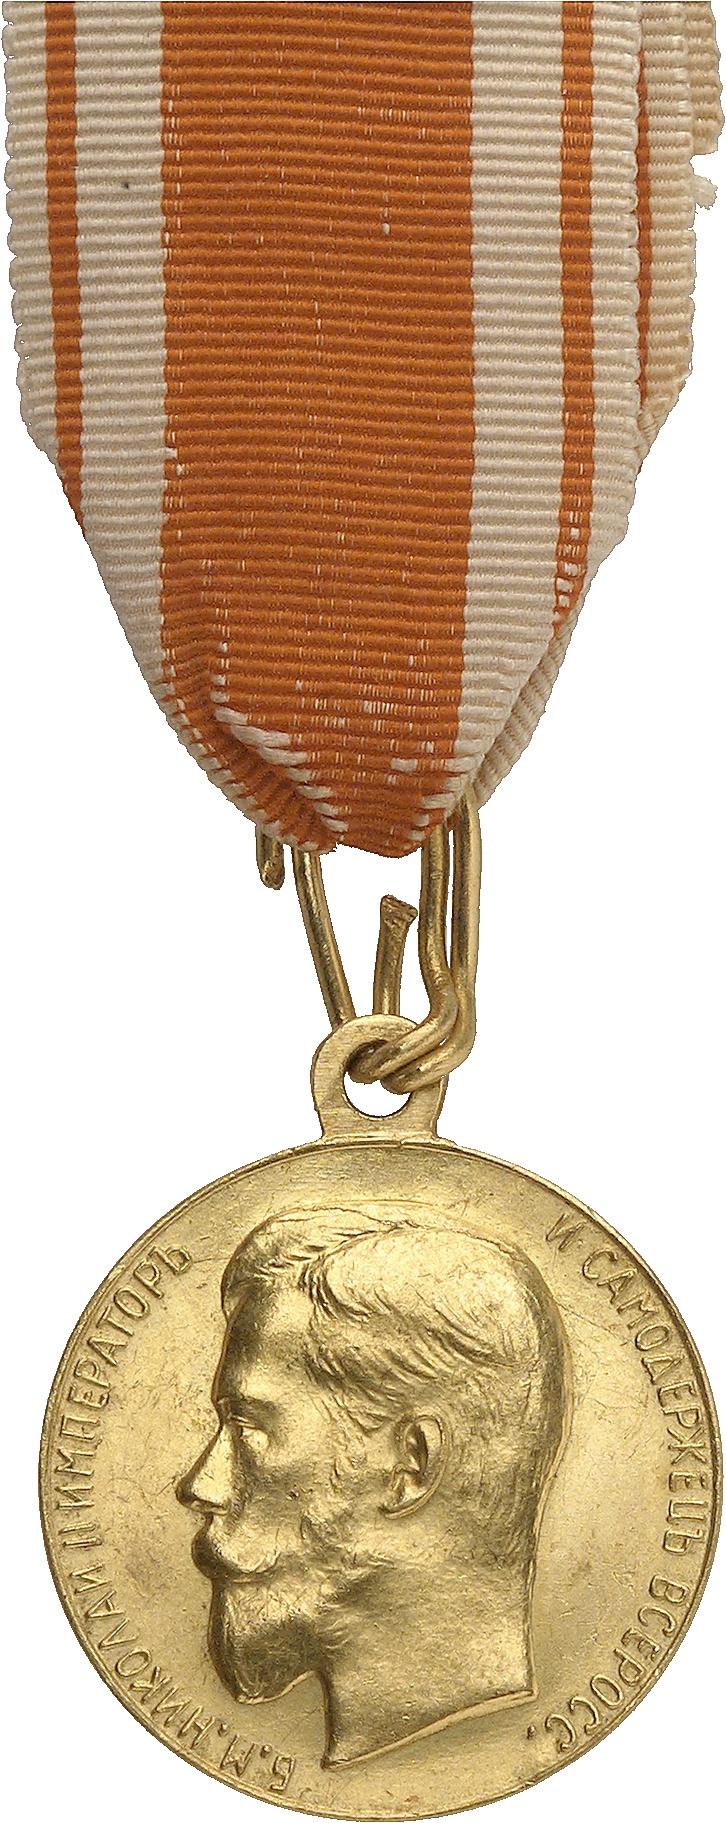 RUSSIE Nicolas II (1894-1917). Médaille en or de récompense non datée, remise par Le Grand Duc Mikhaïl Mikhaïlovitch Romanov à son cocher M. Charles Daumas le 1 mars 1911.